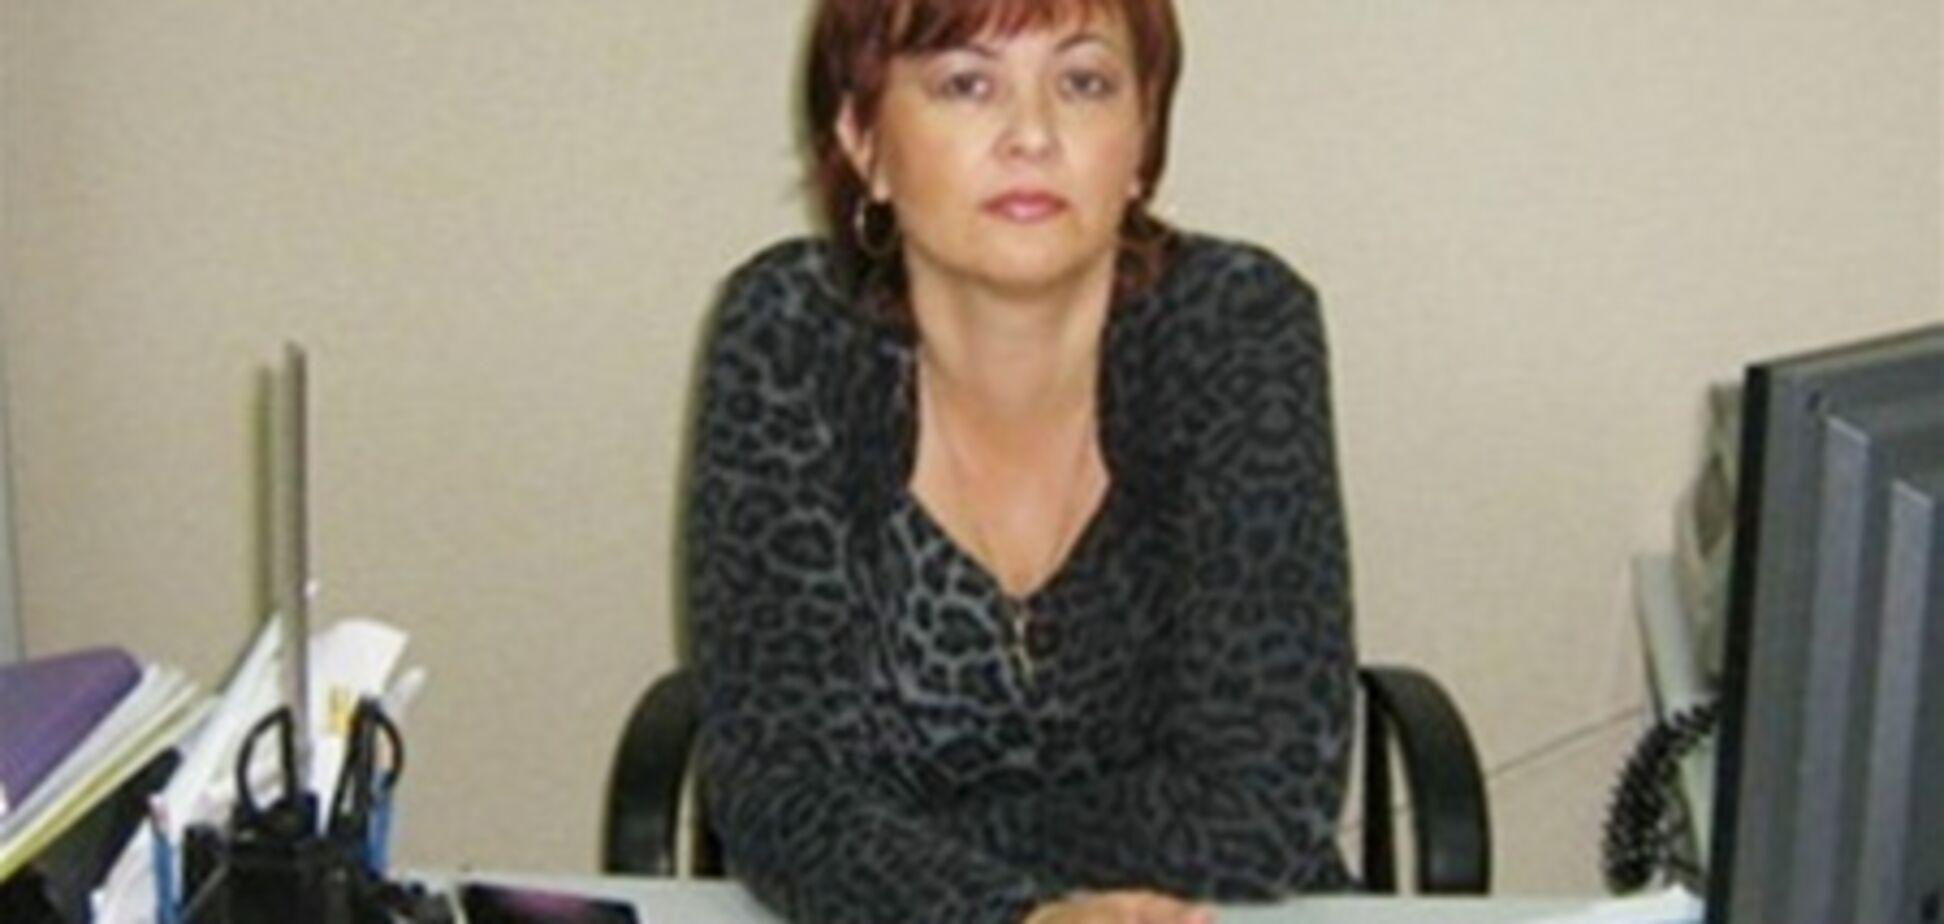 Руководитель отделения Приватбанка украла у банка 2,5 млн грн